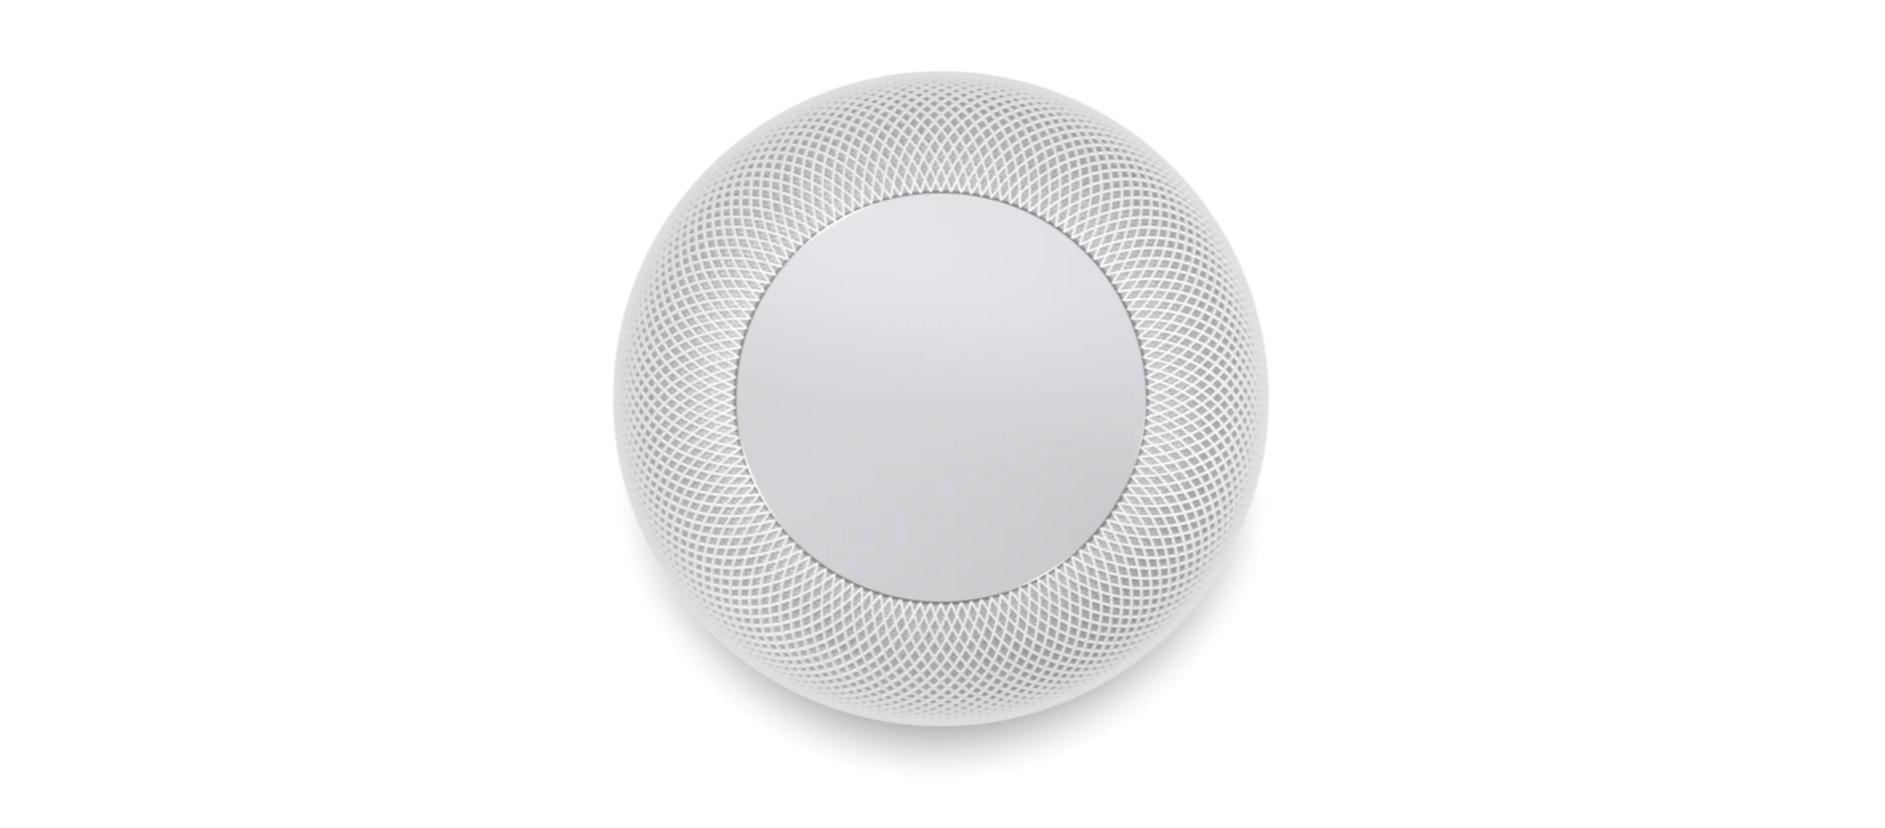 Inteligentny głośnik od Apple – HomePod